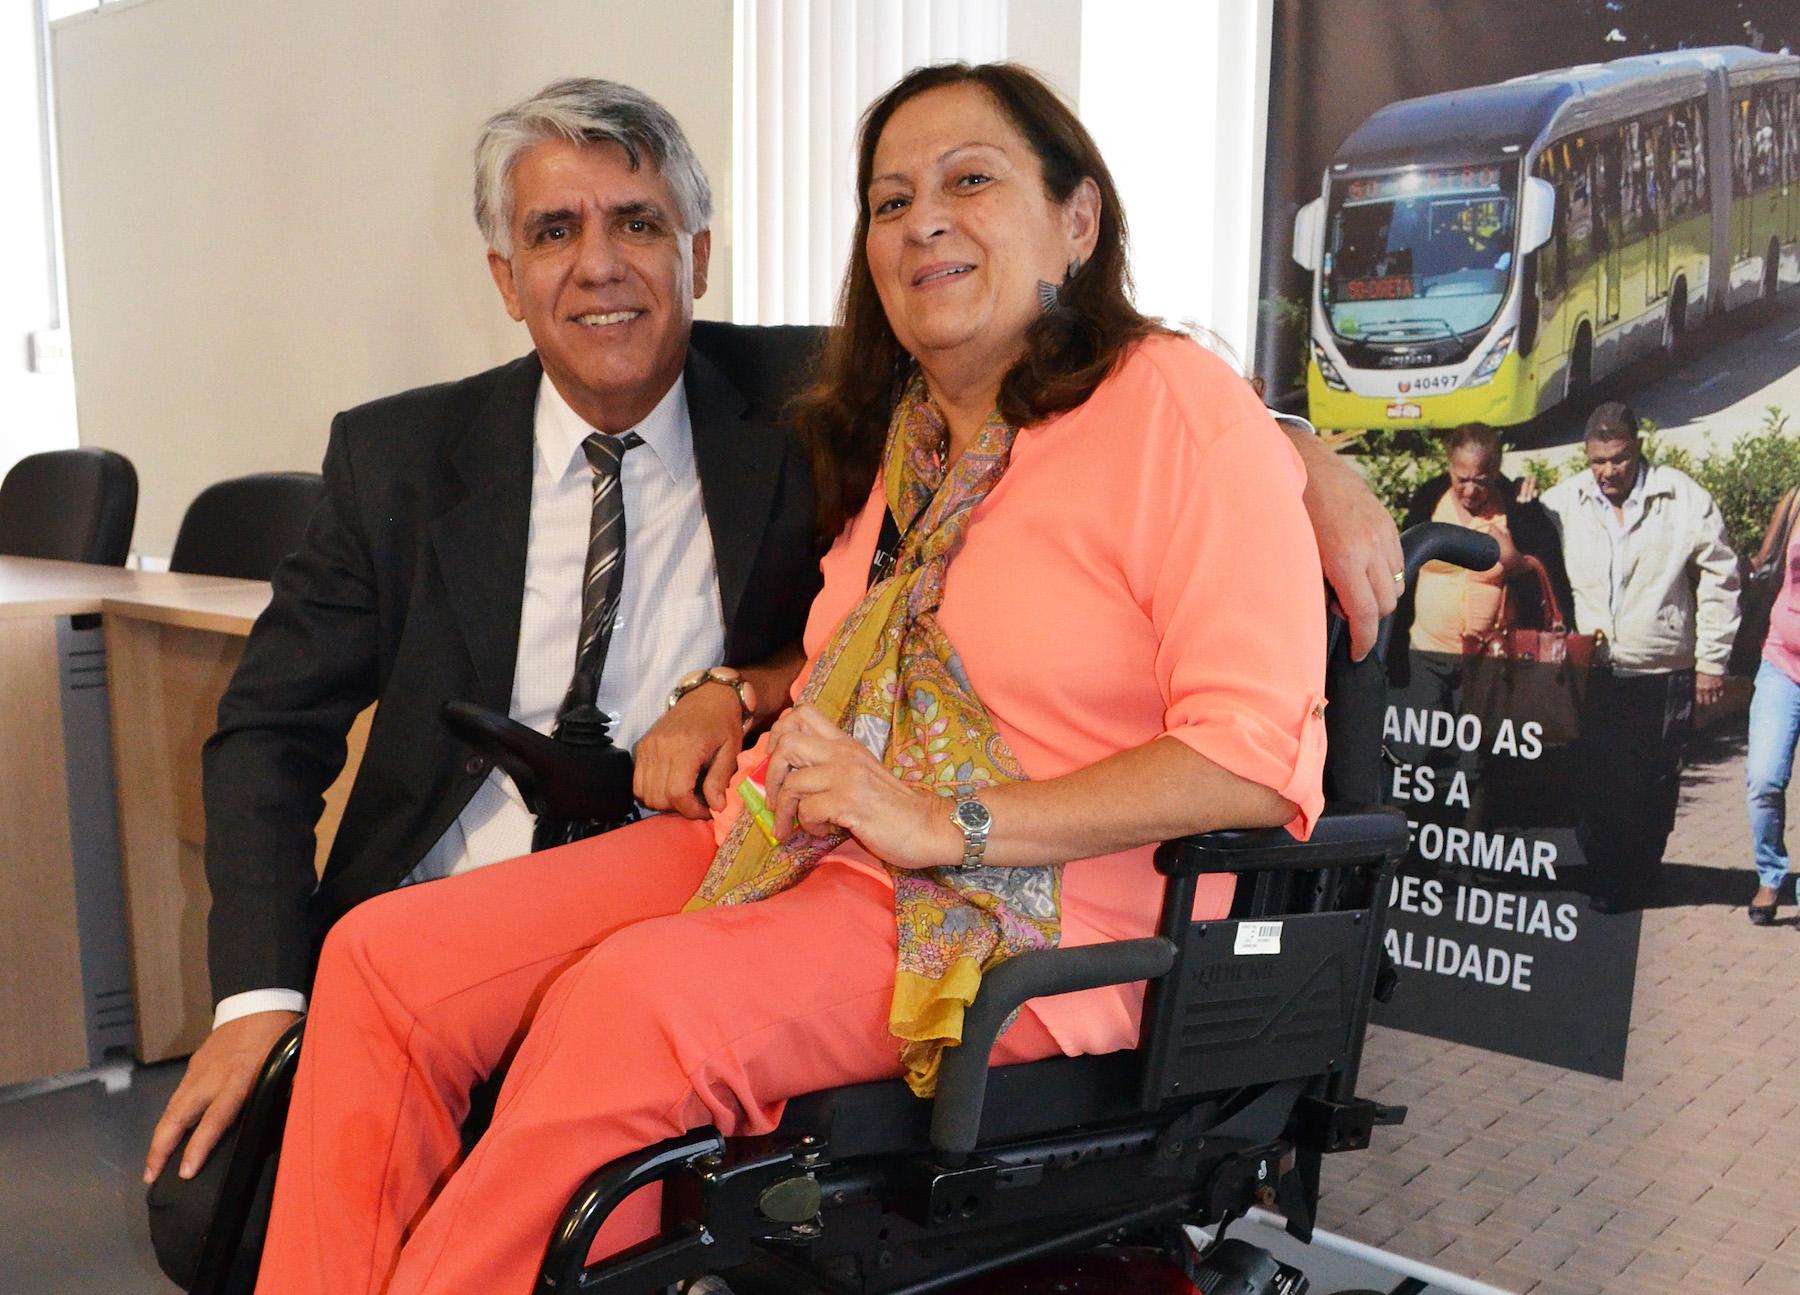 <p>Célio Bouzada of Belo Horizonte. Photo by Mariana Gil/WRI Brasil</p>